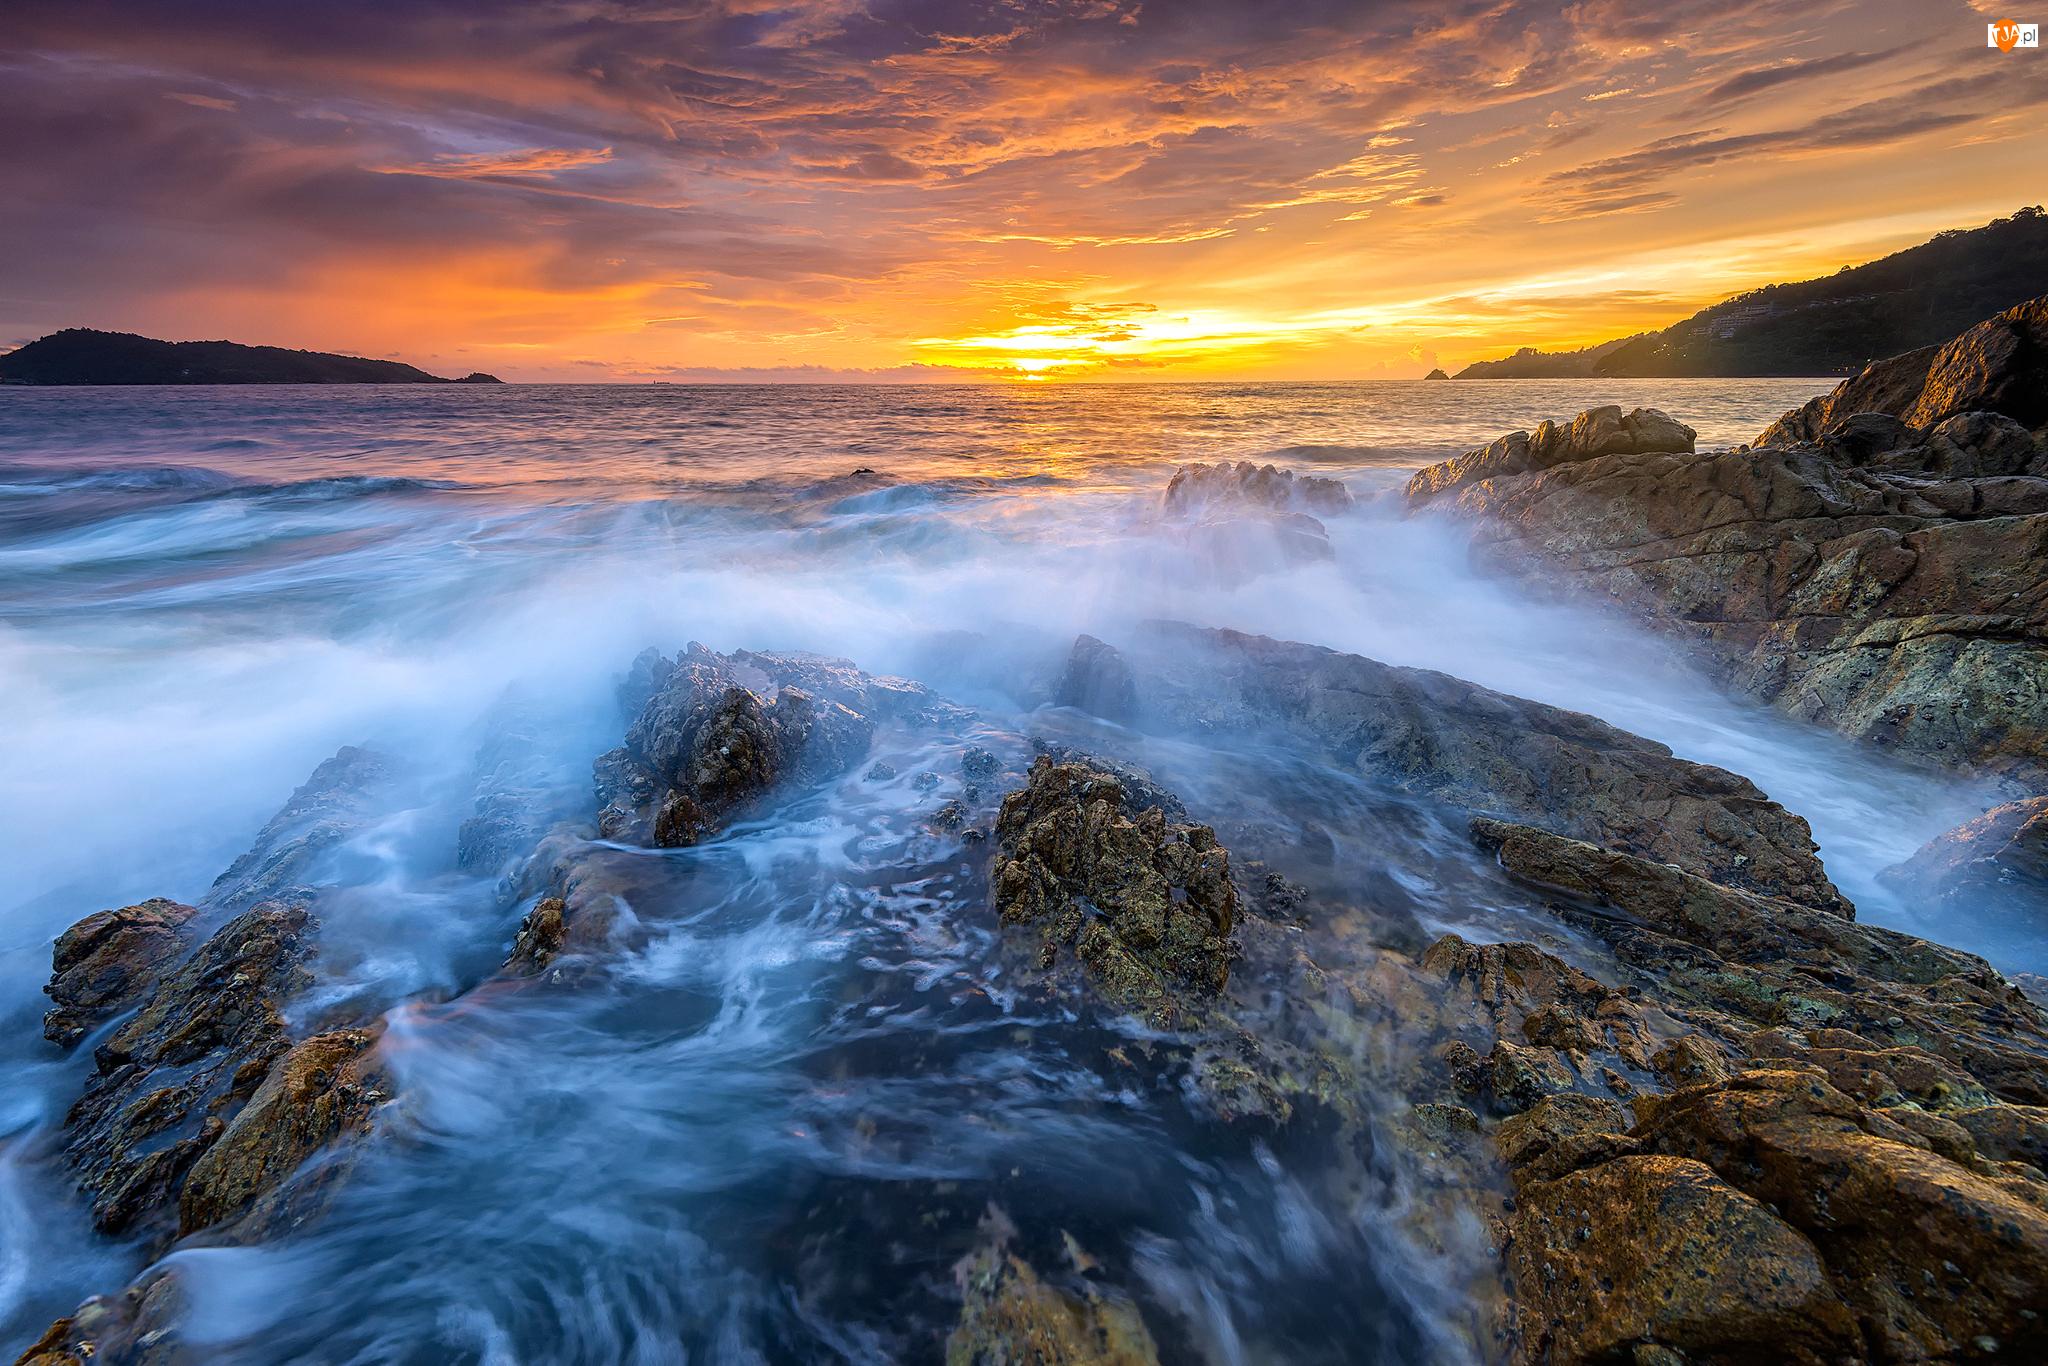 Morze, Zachód słońca, Fale, Skały